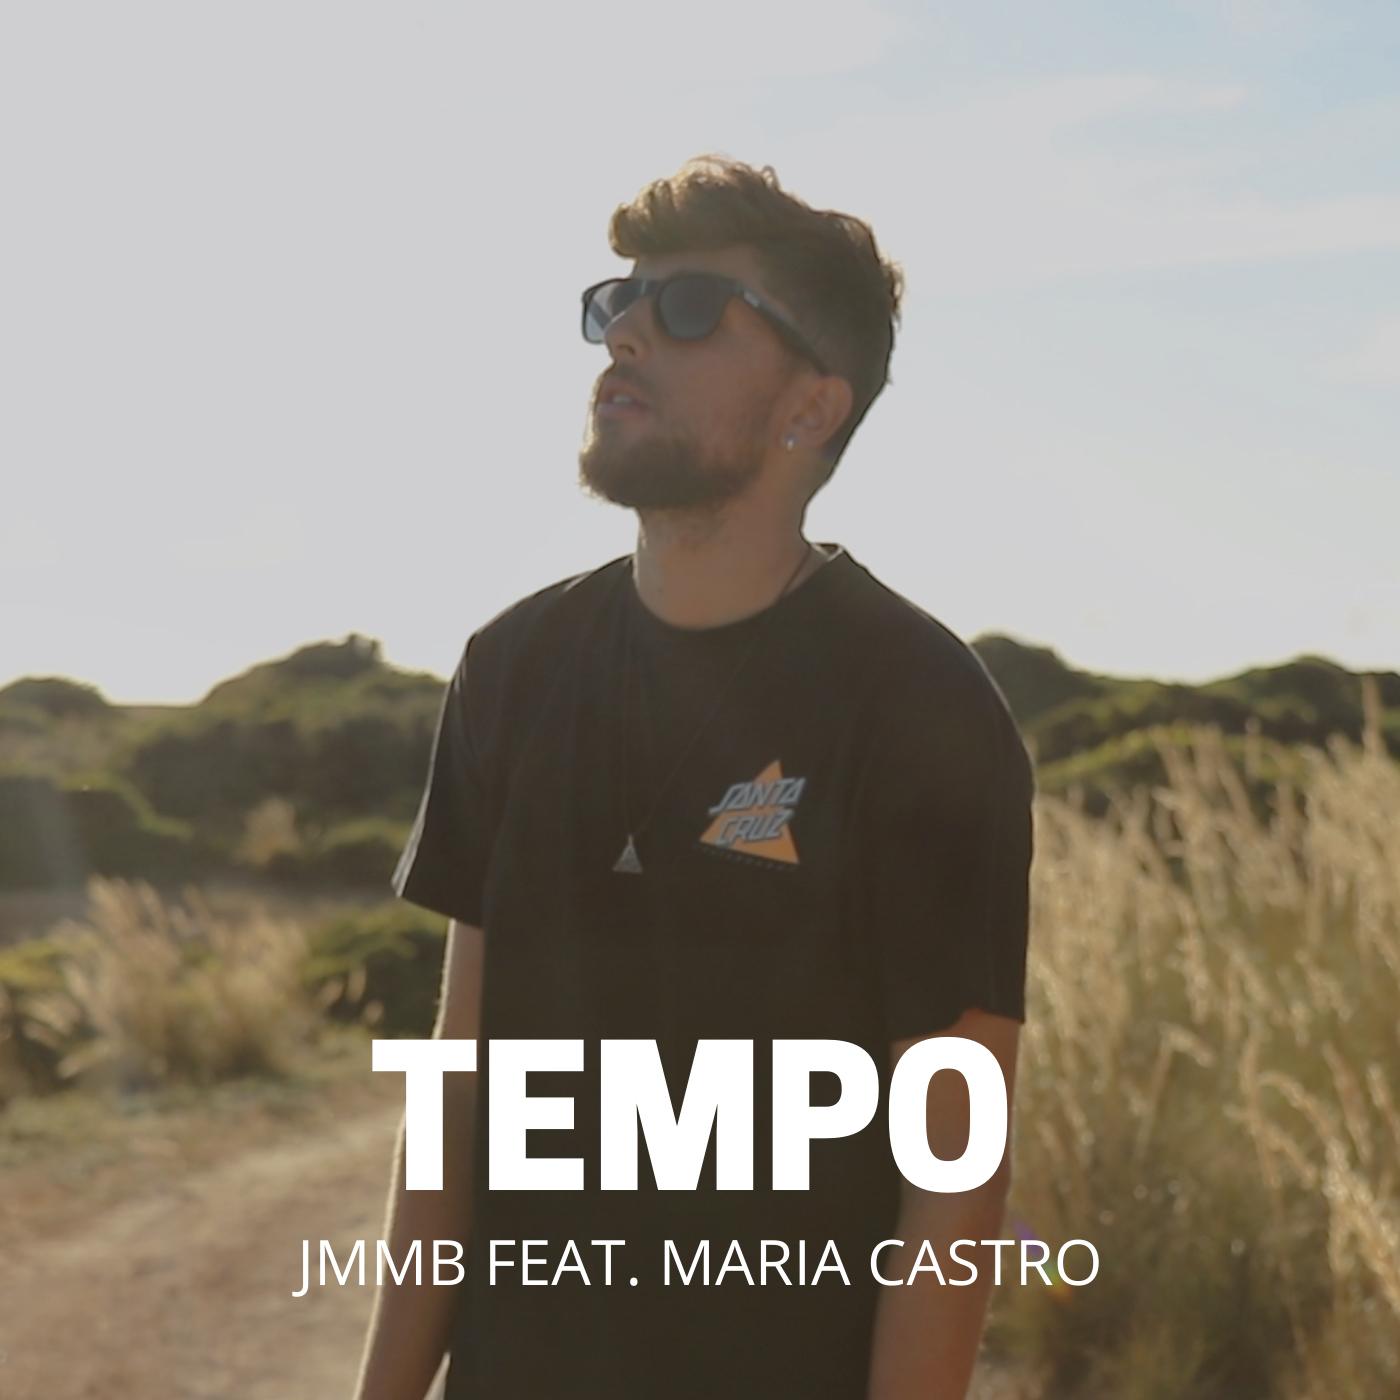 JMMB feat. Maria Castro - Tempo